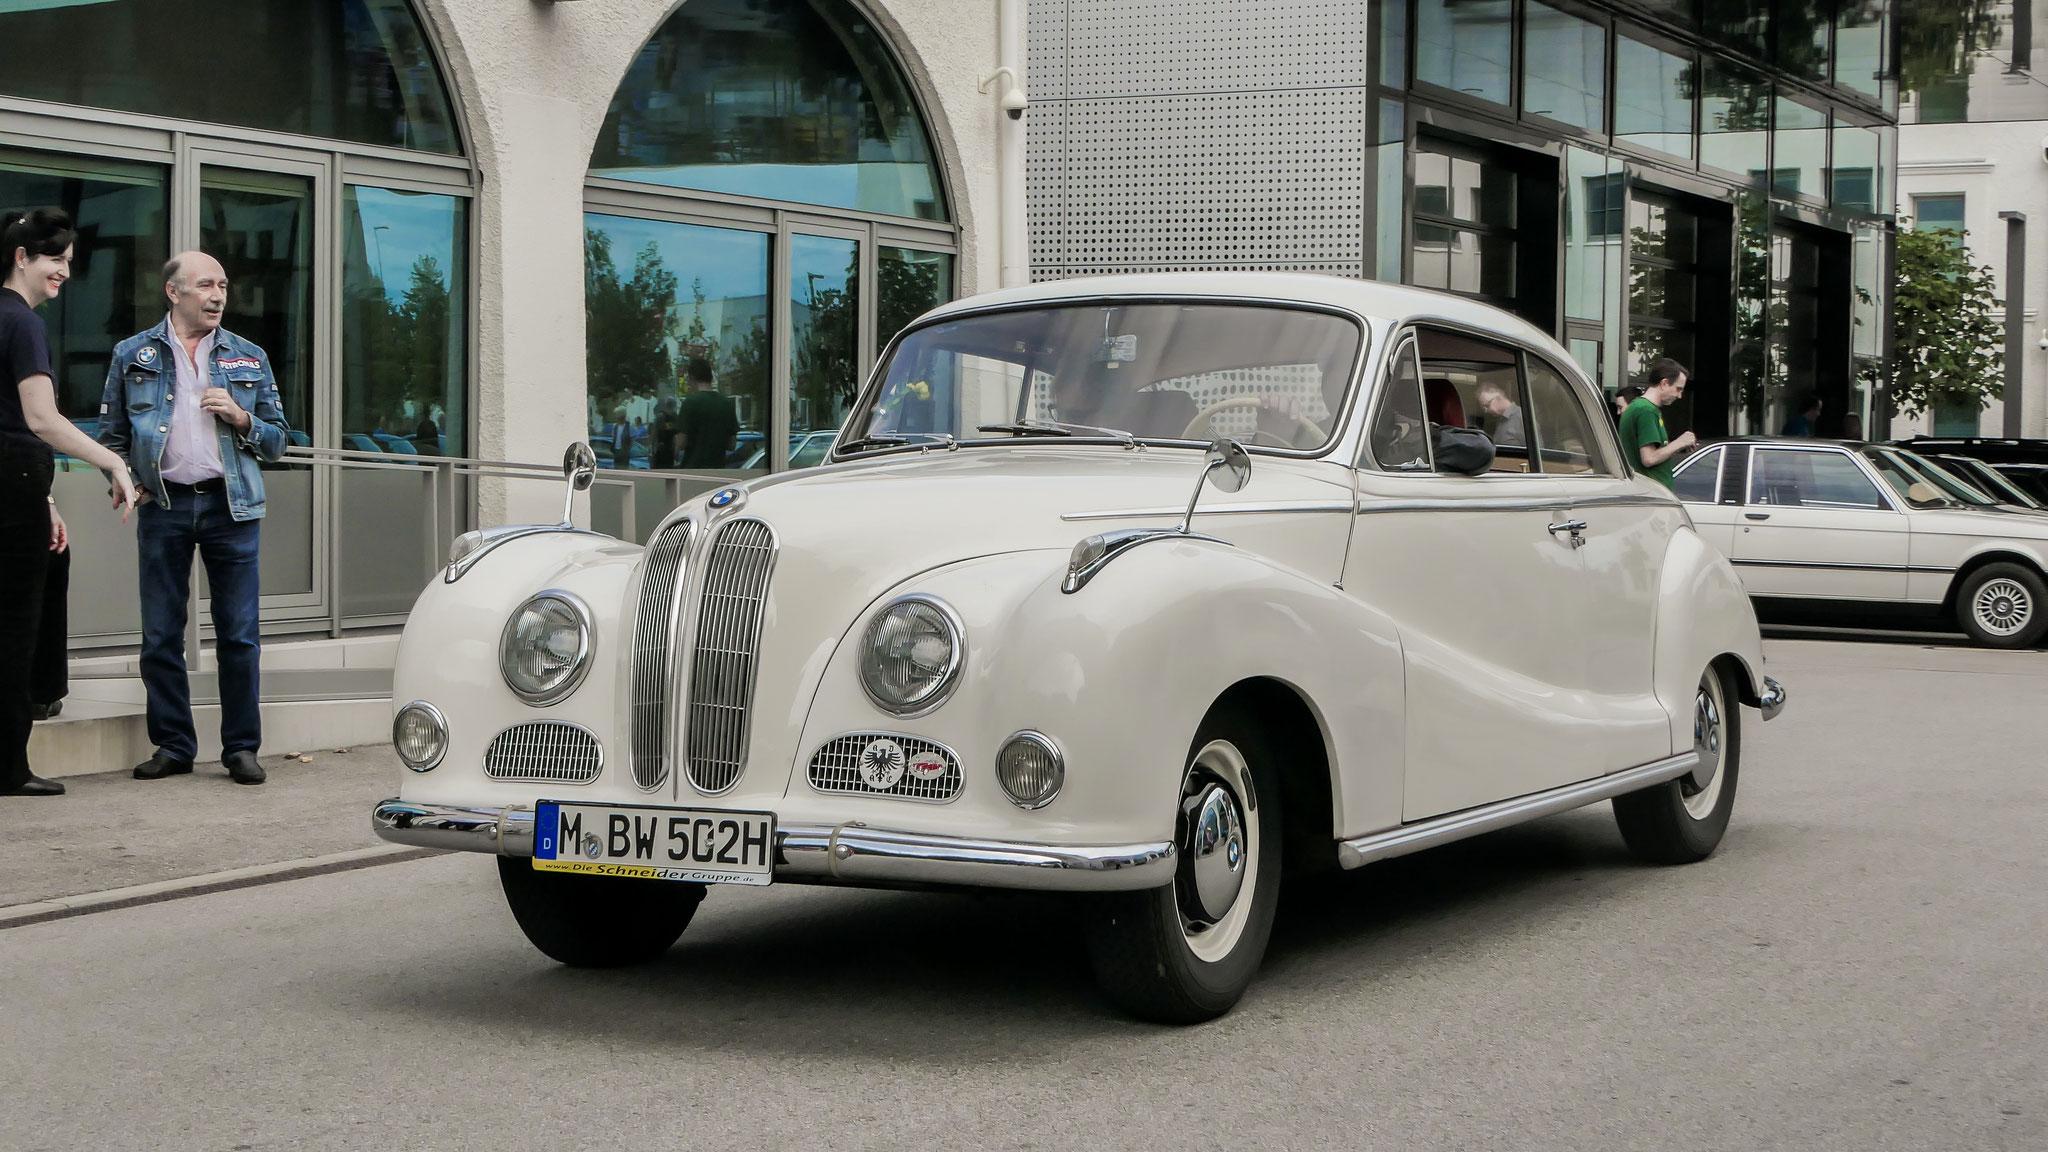 BMW 502 - M-BW-502H